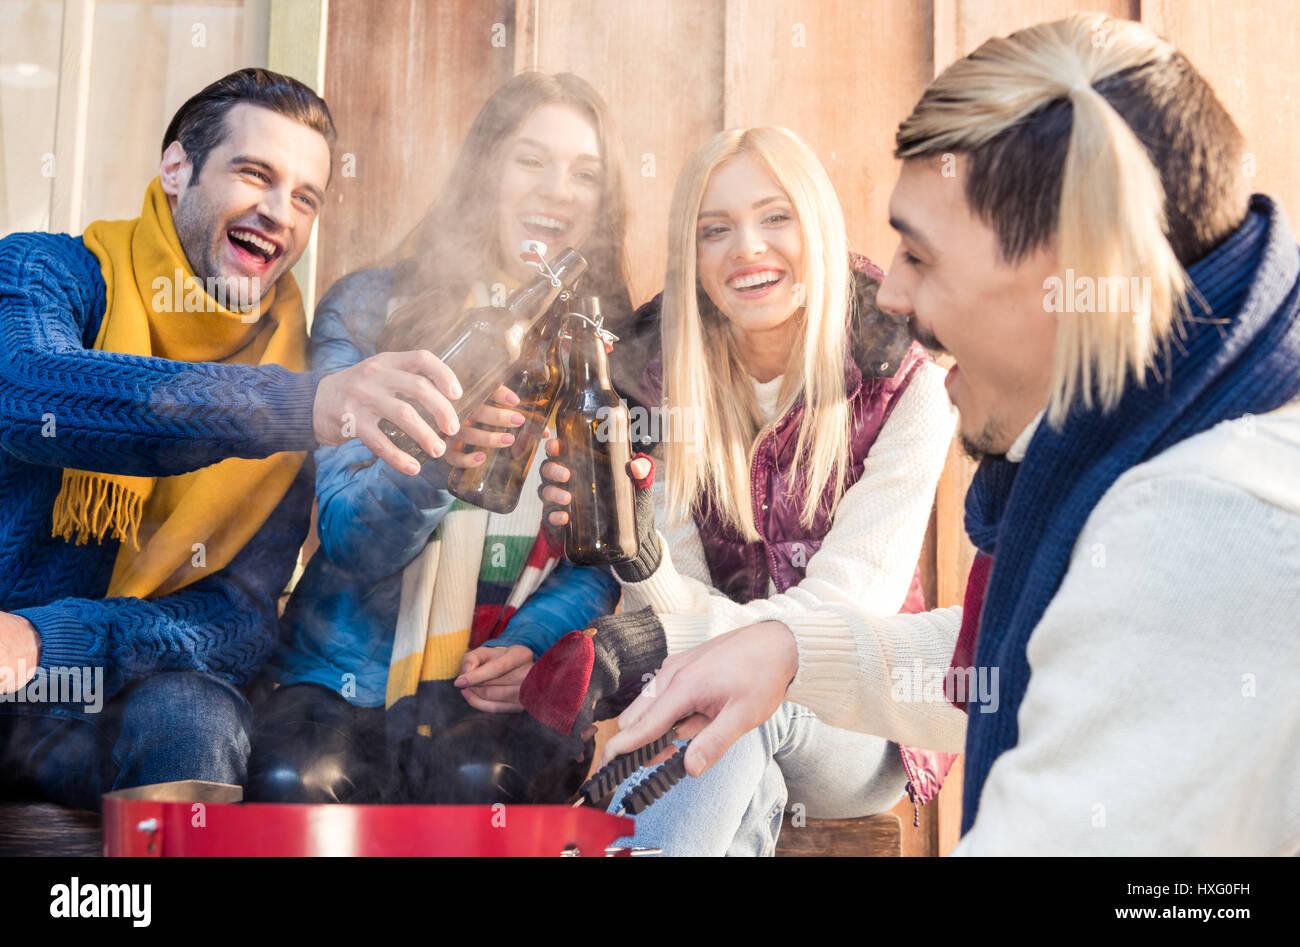 Emocionado amigos tintineo de botellas de cerveza en barbacoa Imagen De Stock